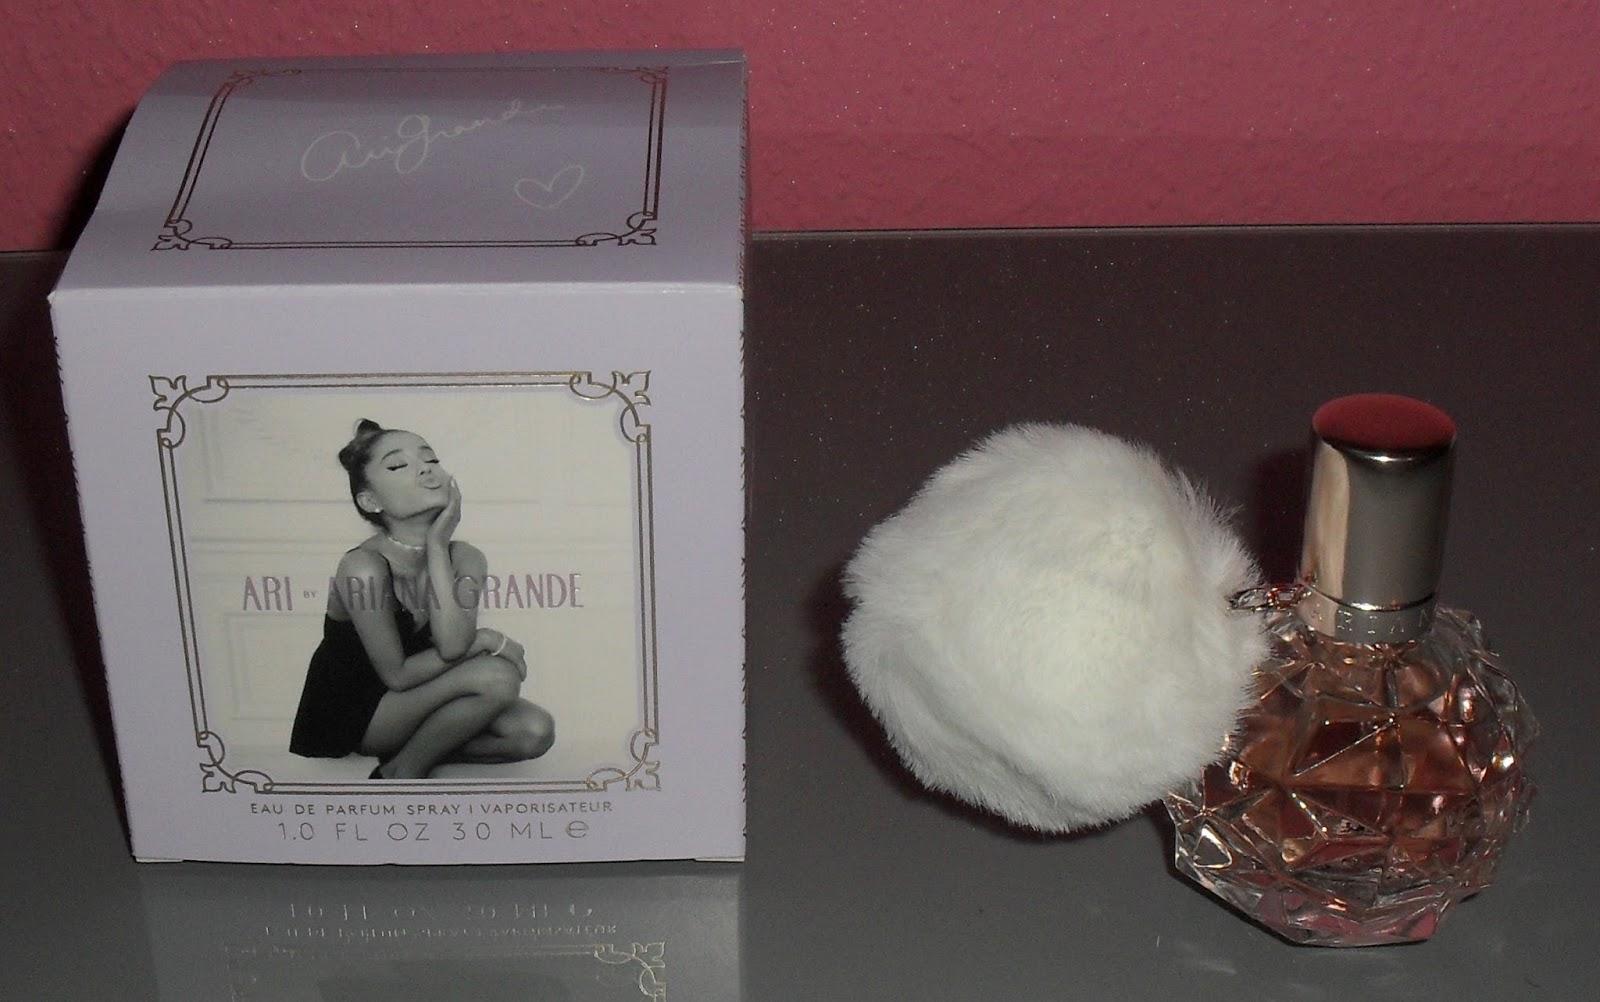 Blondis Beauty Und Lifestyle Blog Ariana Grande Parfüm